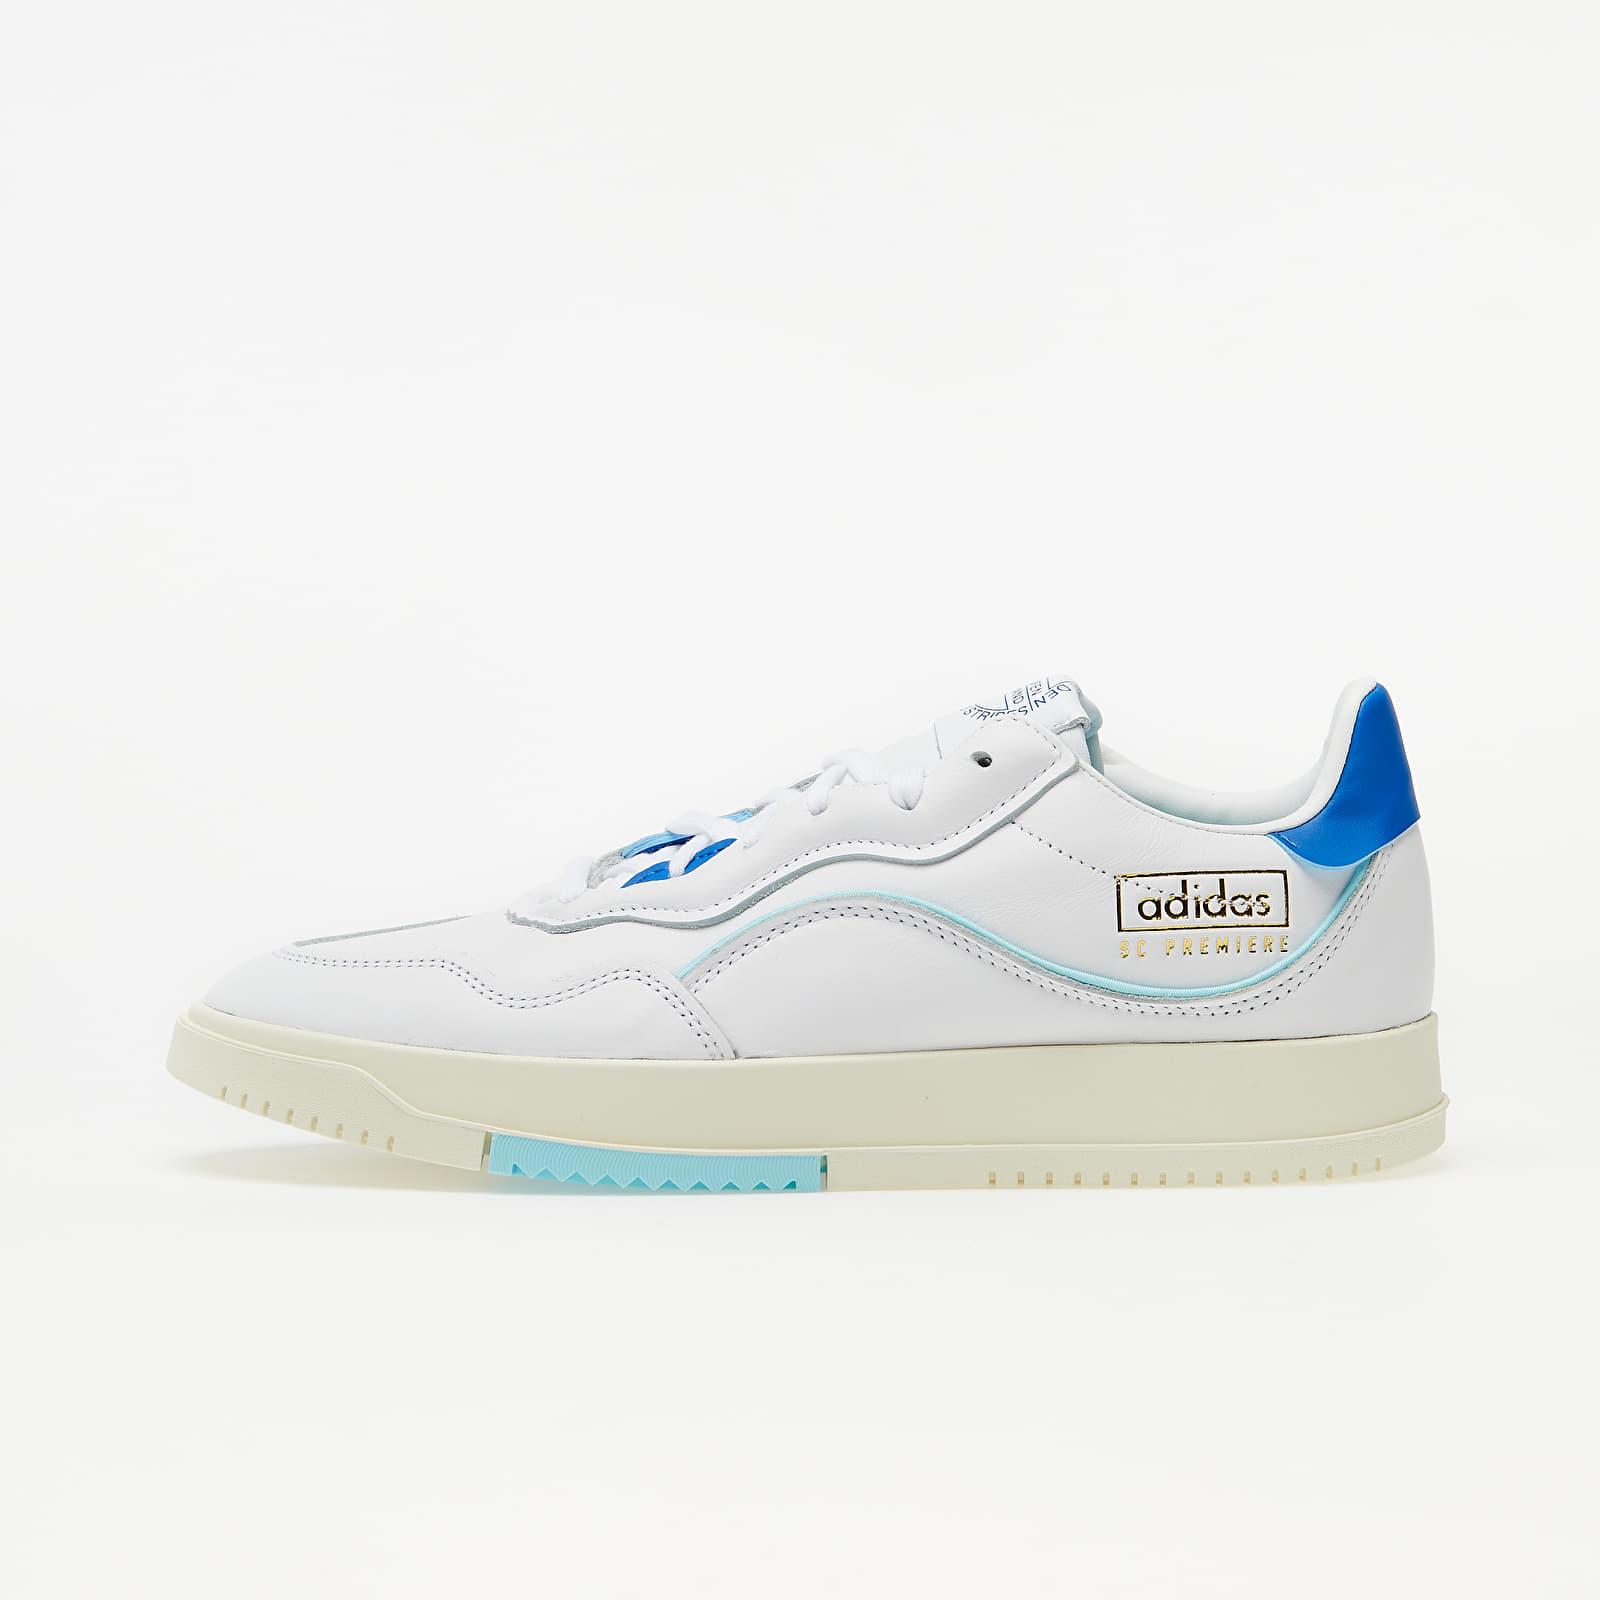 adidas SC Premiere Ftw White/ Blue/ Blue Zes EUR 39 1/3